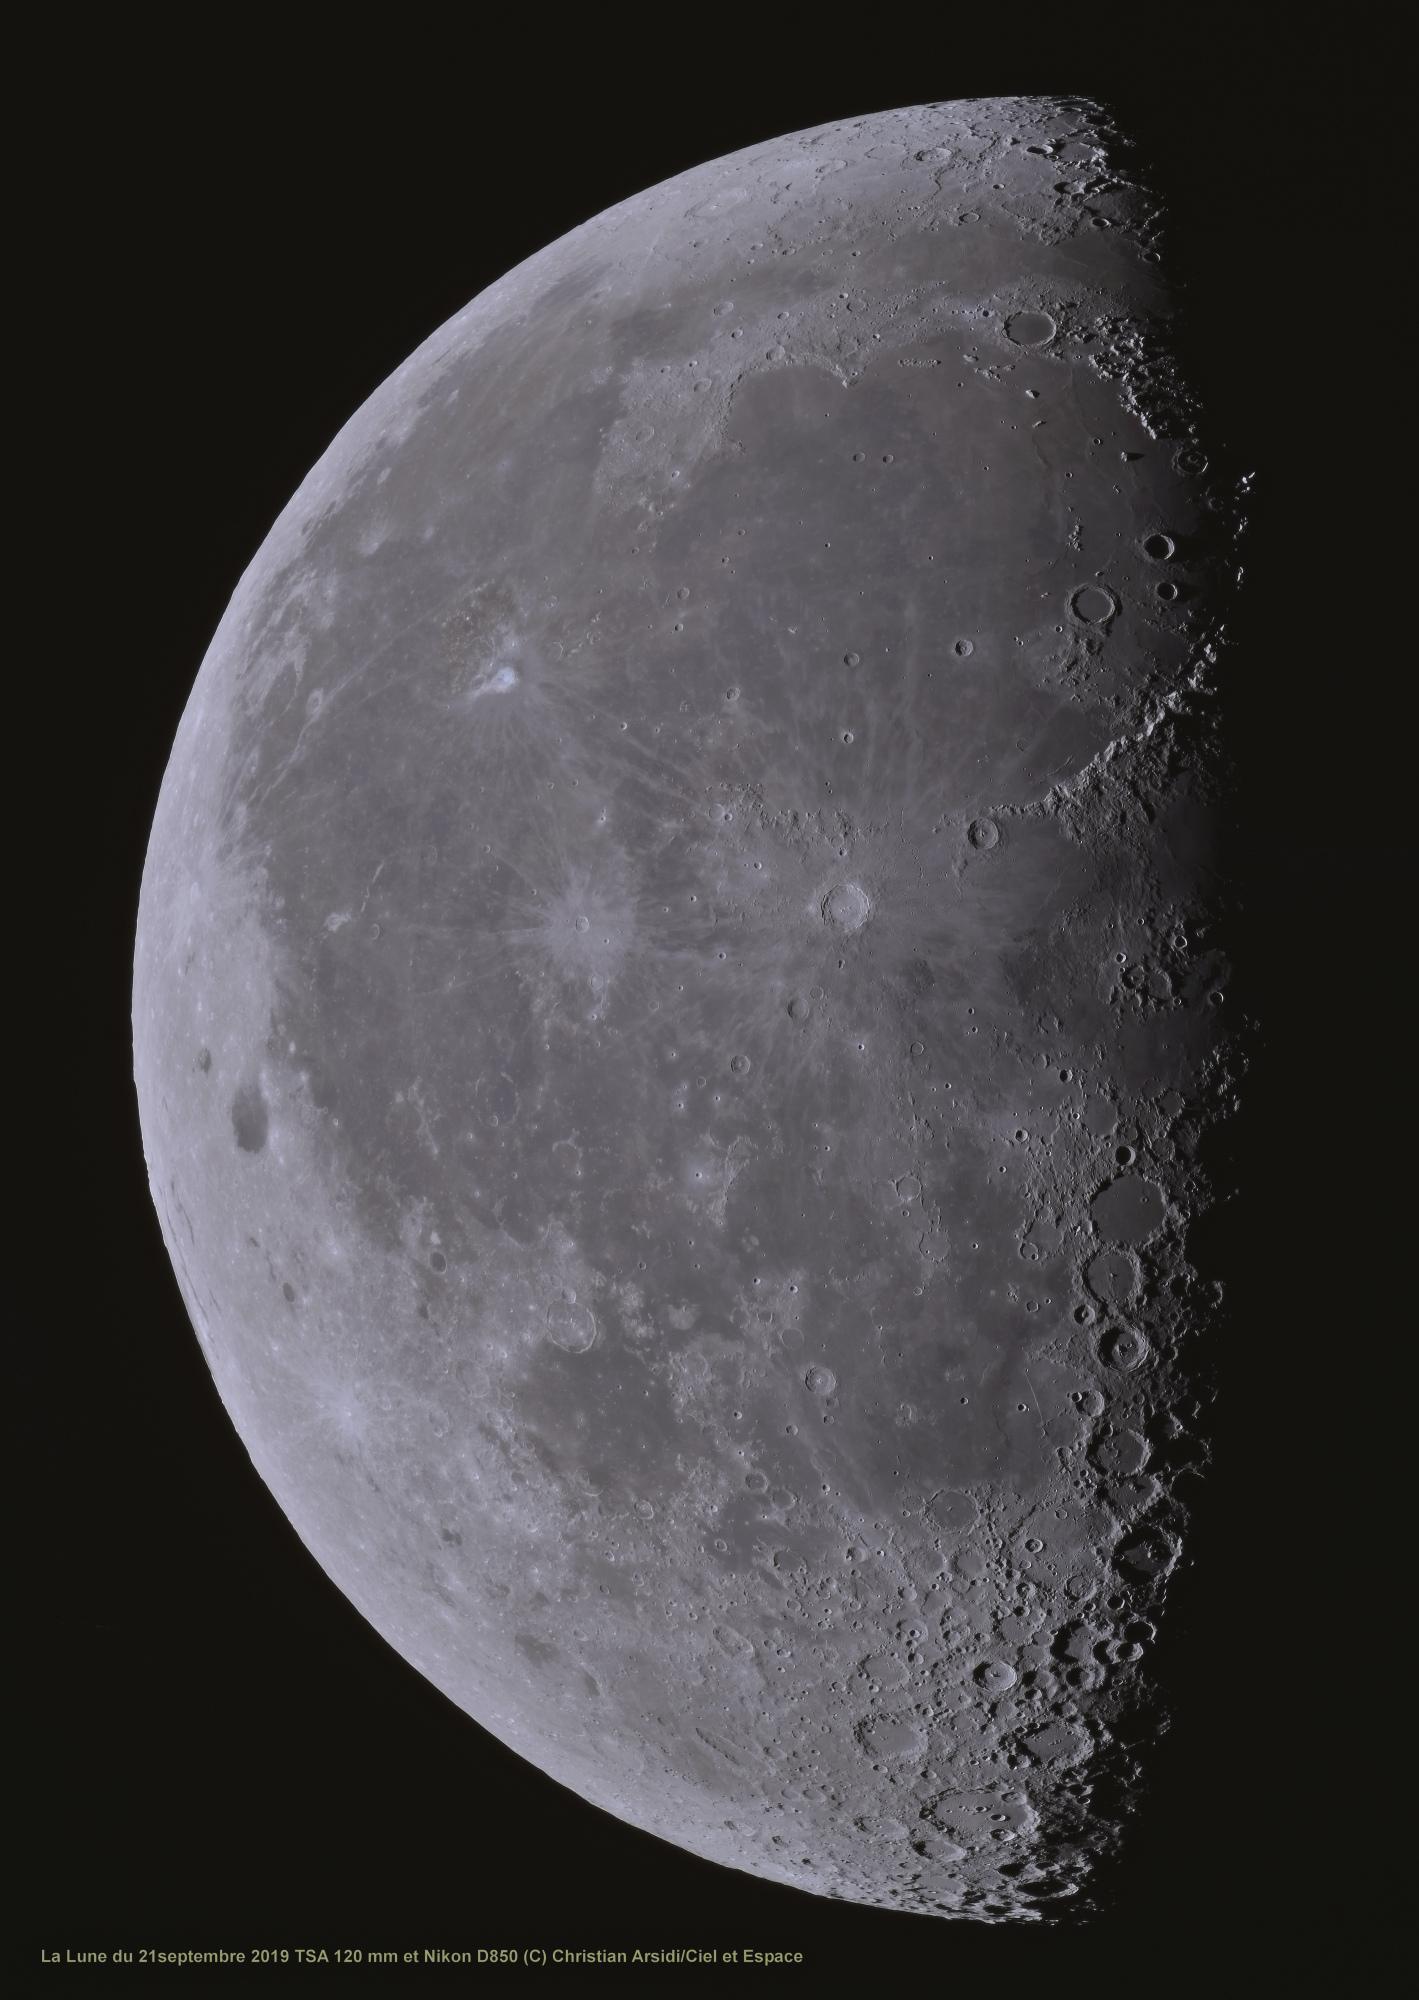 La Lune 35 images V2 TTB 100% JPEG V3.jpg